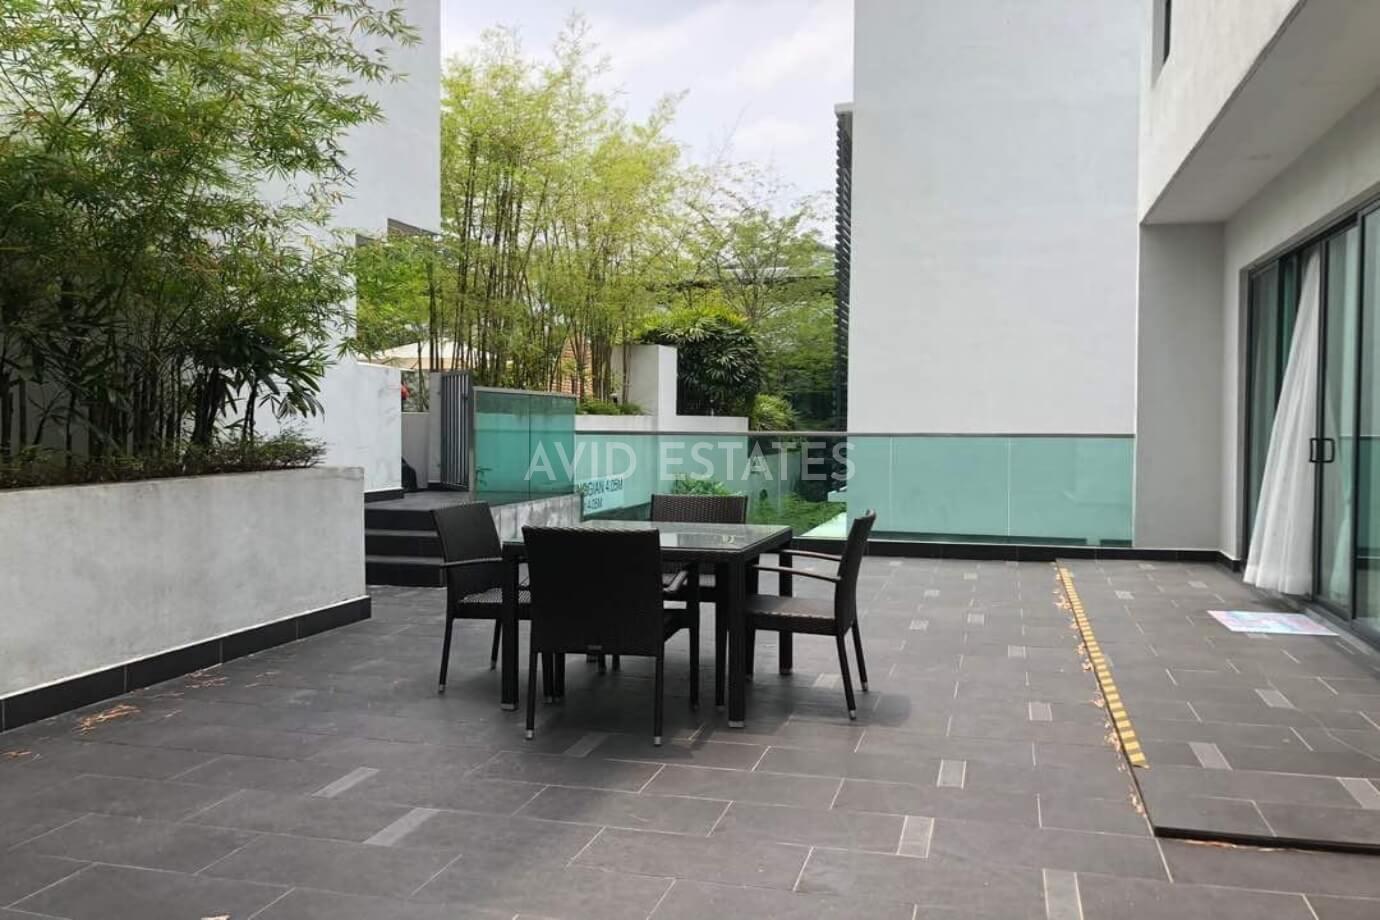 10 Damansara Heights, Damansara Heights, 5 Bedrooms Bedrooms, ,6 BathroomsBathrooms,Semi-Detached,For Sale,Damansara Heights,10 Damansara Heights,2024